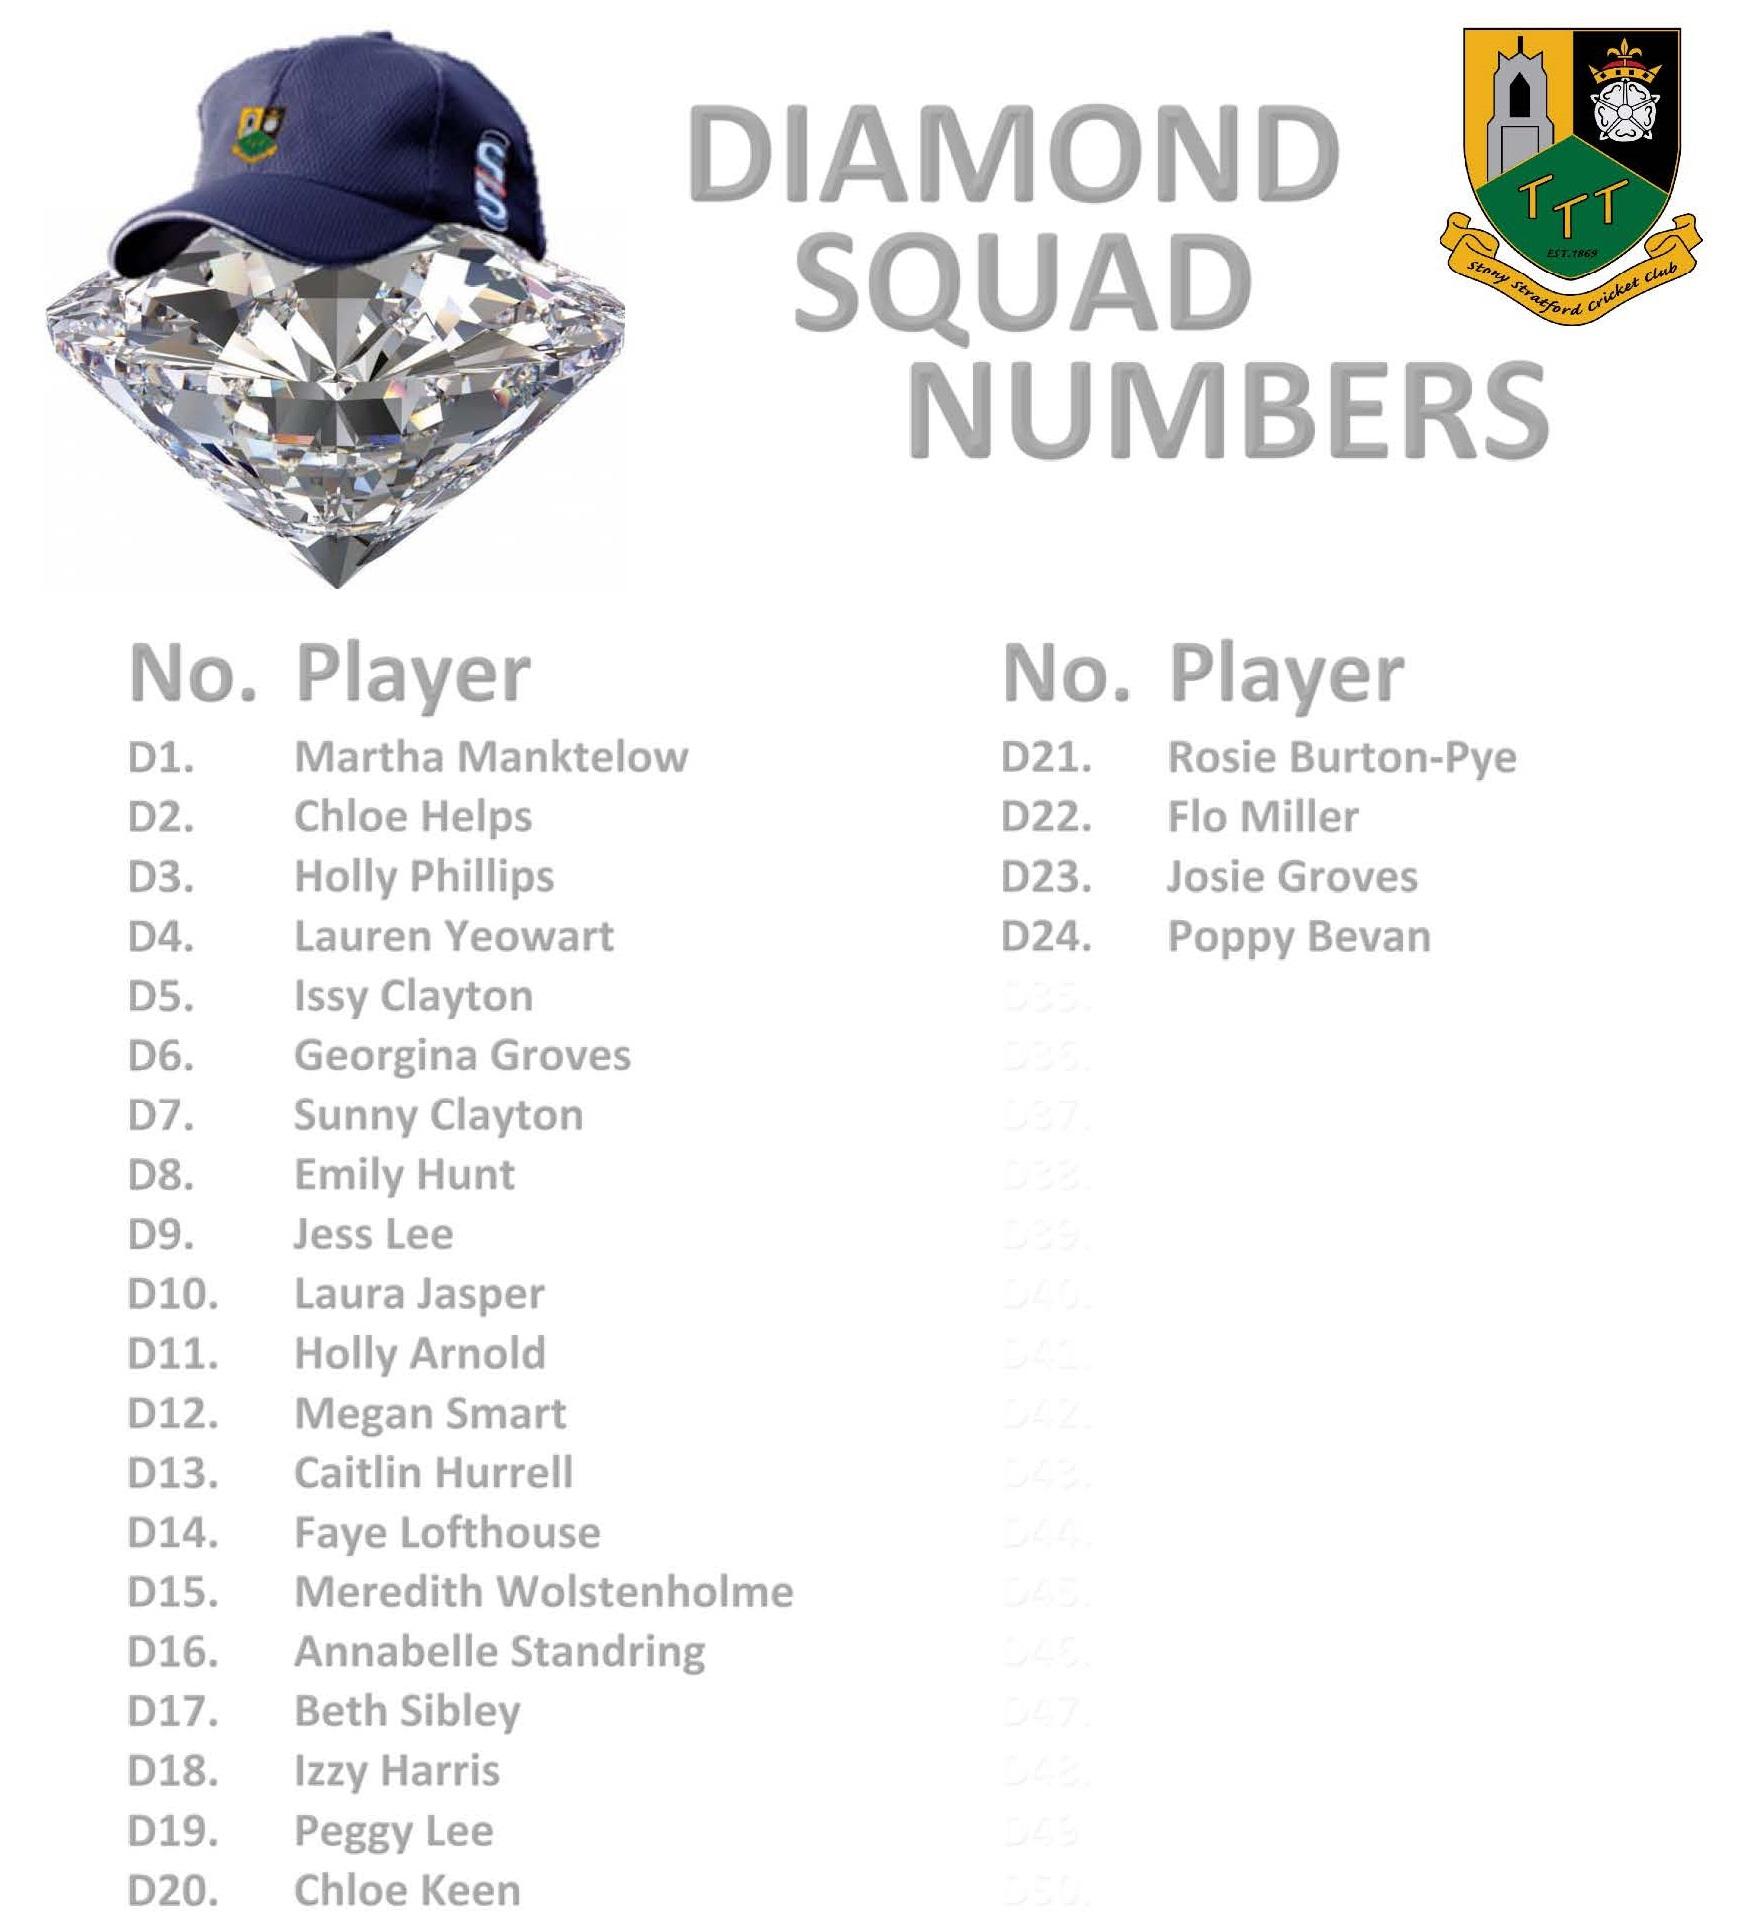 DIAMOND SQUAD NUMBERS 2017